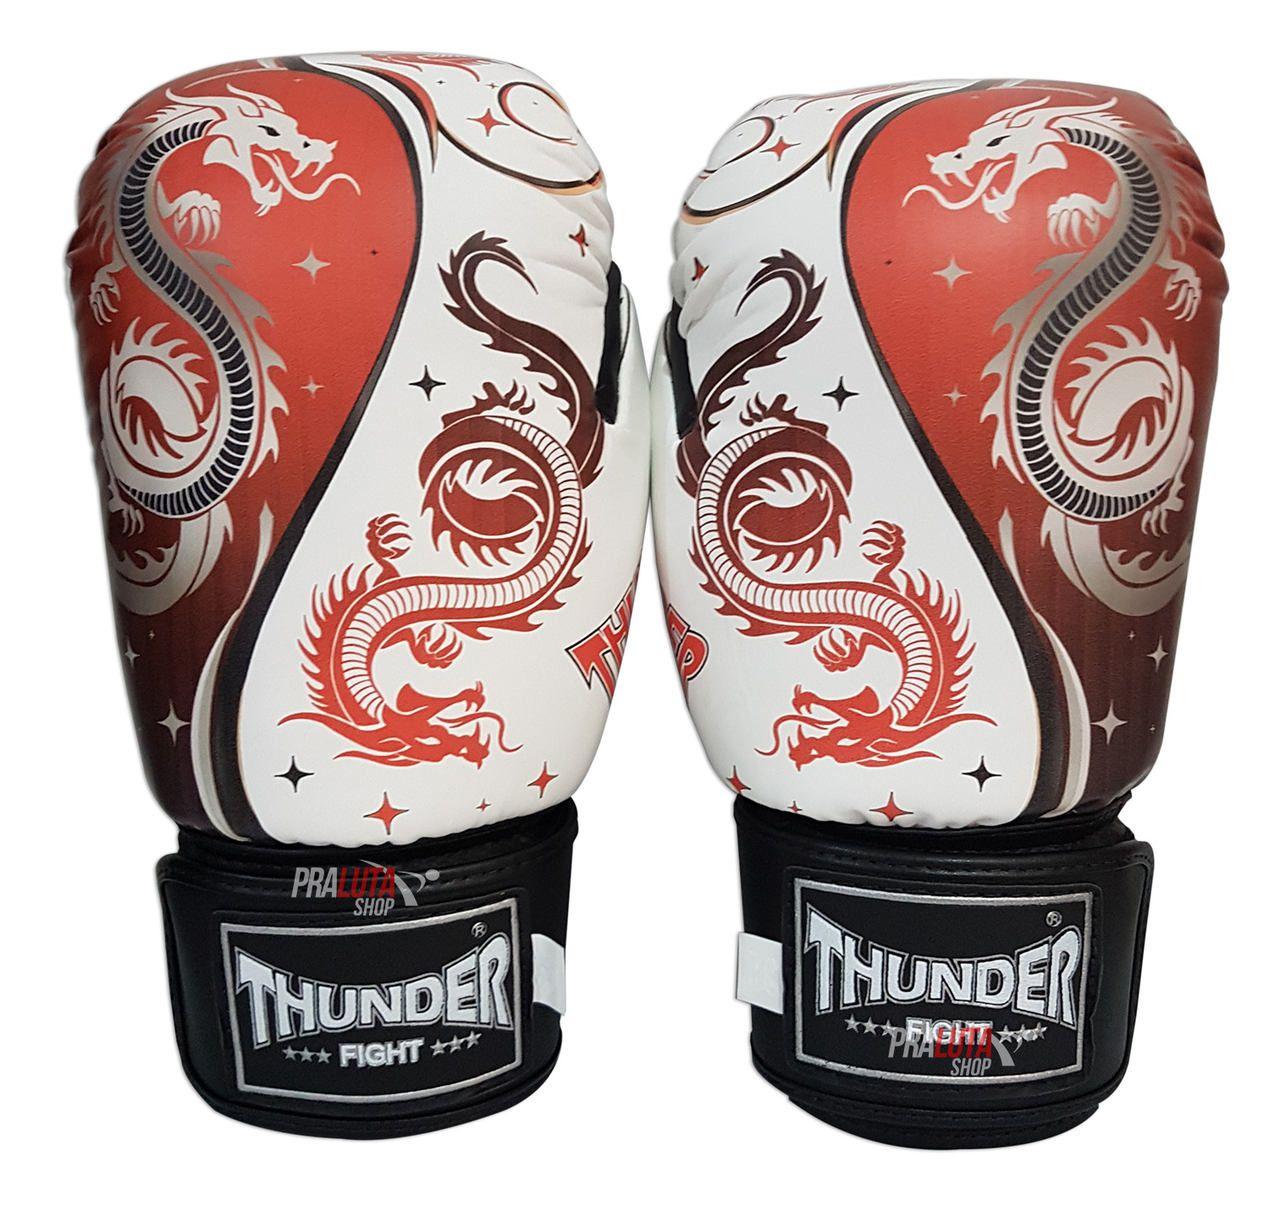 Luva de Boxe / Muay Thai 12oz - Dragão Vermelho - Thunder Fight  - PRALUTA SHOP